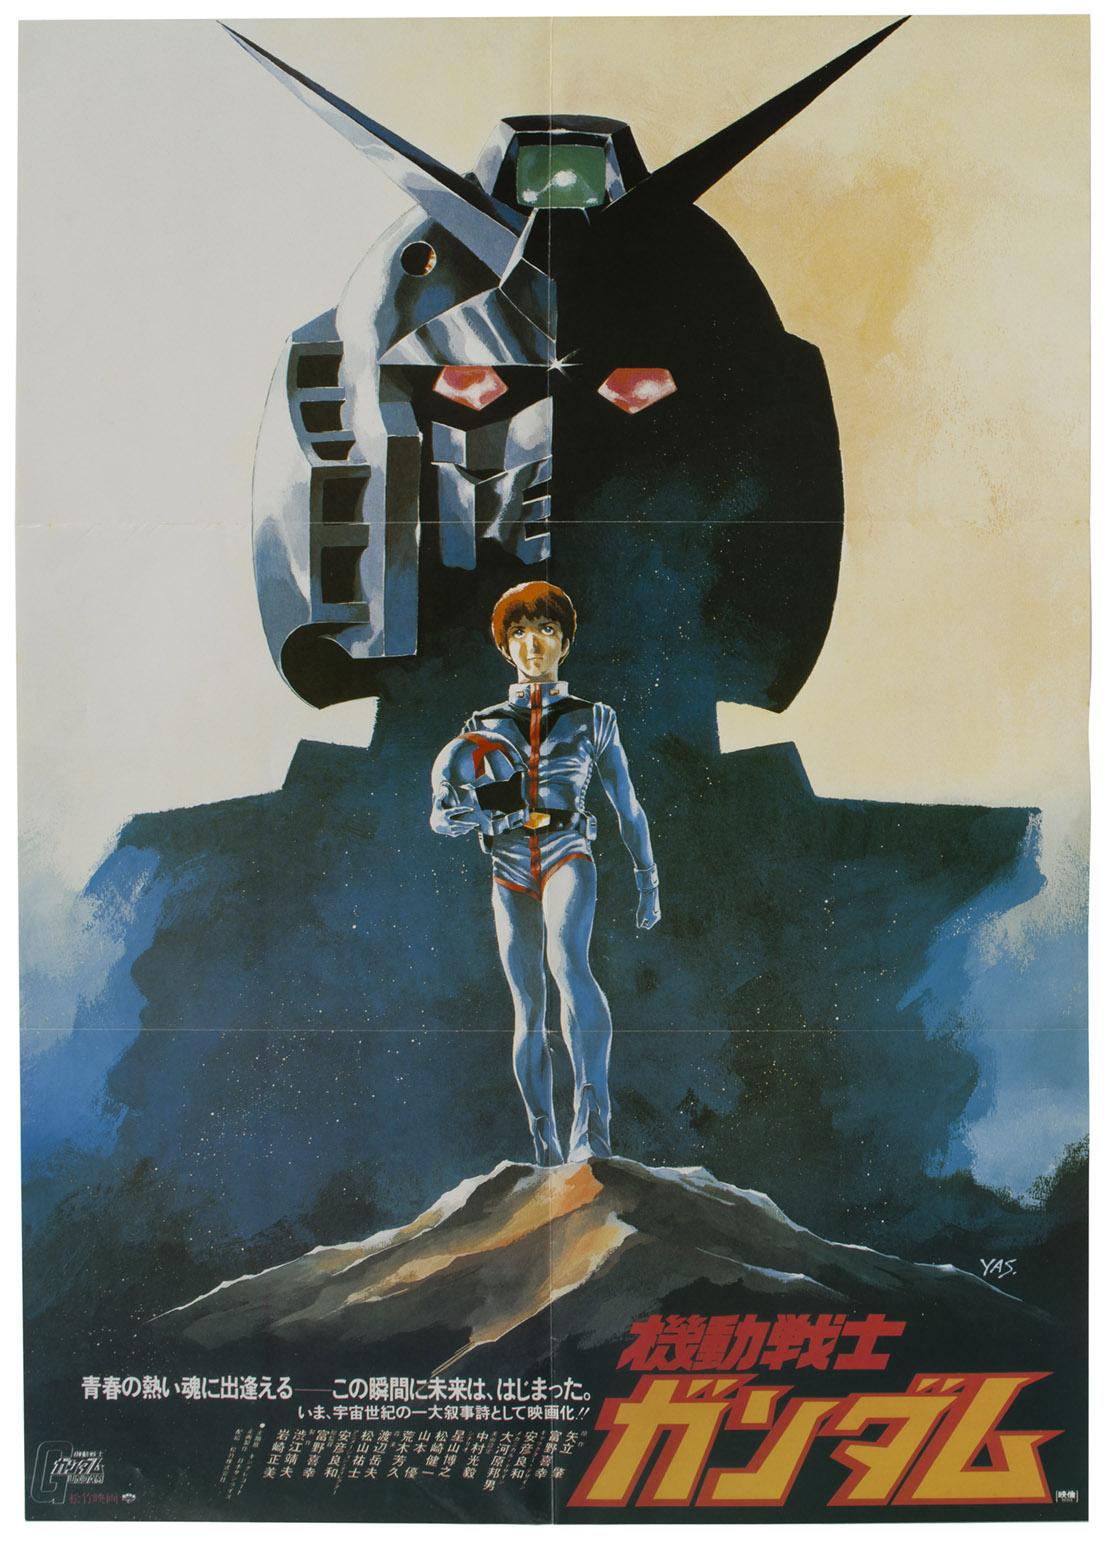 公開時の映画ポスター 「機動戦士ガンダム」